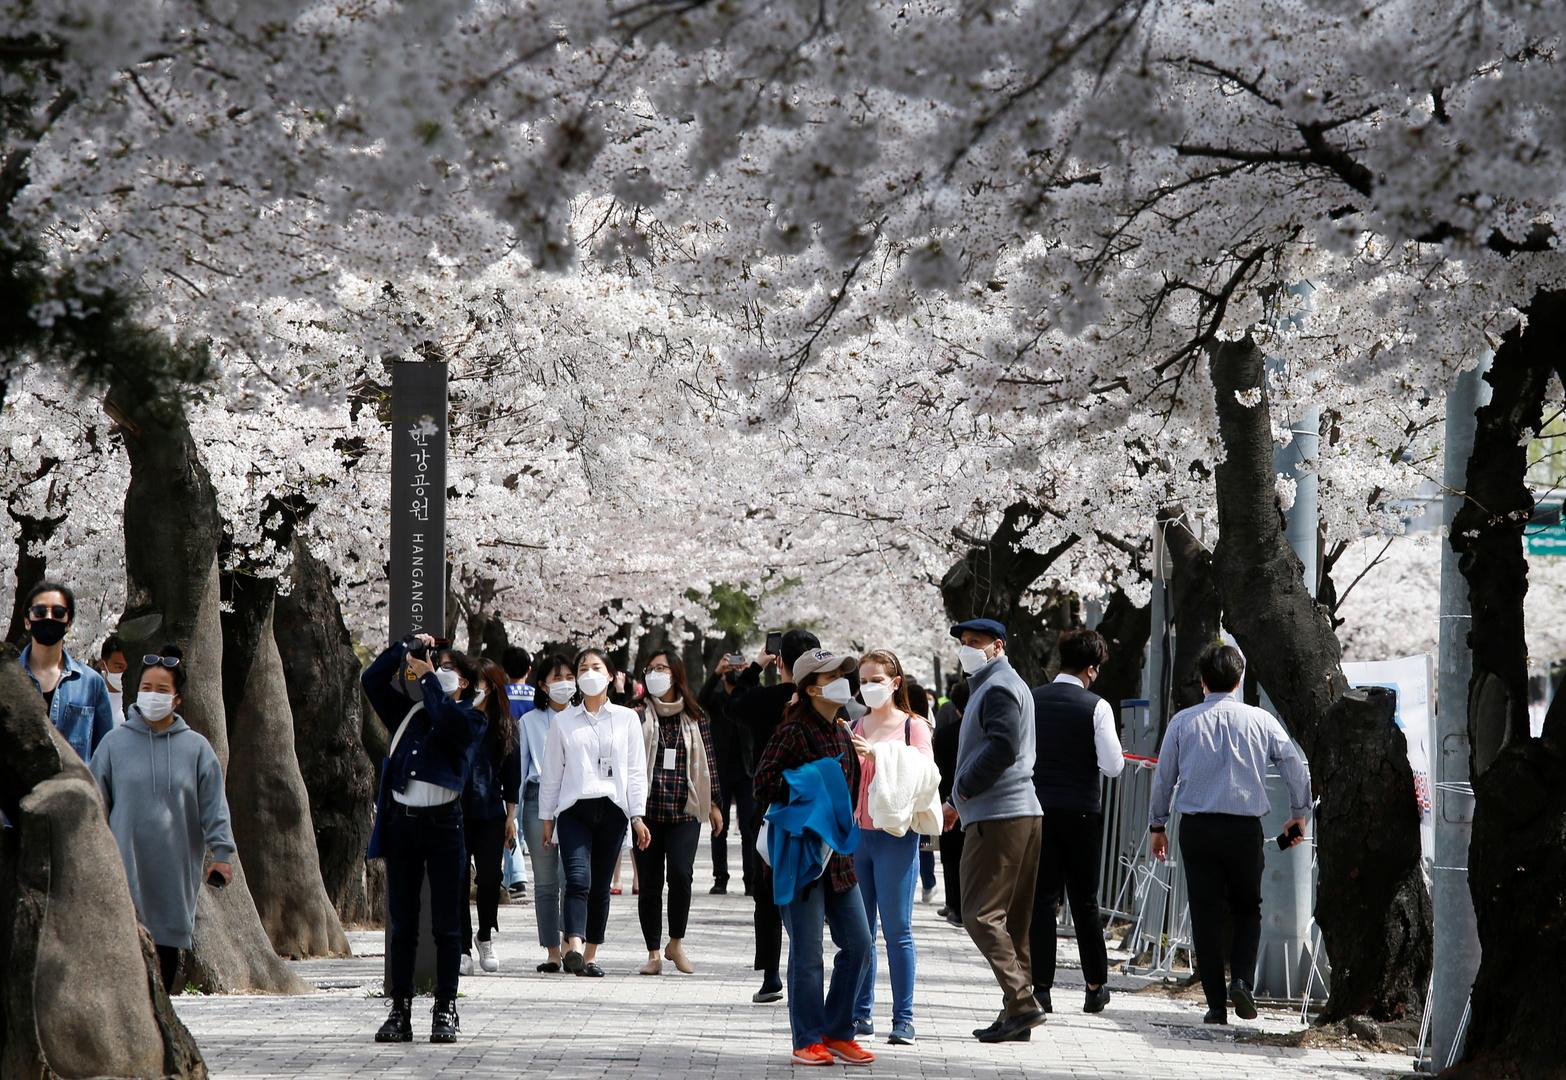 مواطنون يسيرون  بالقرب من شارع أزهار الكرز في العاصمة الكورية الجنوبية سيئول